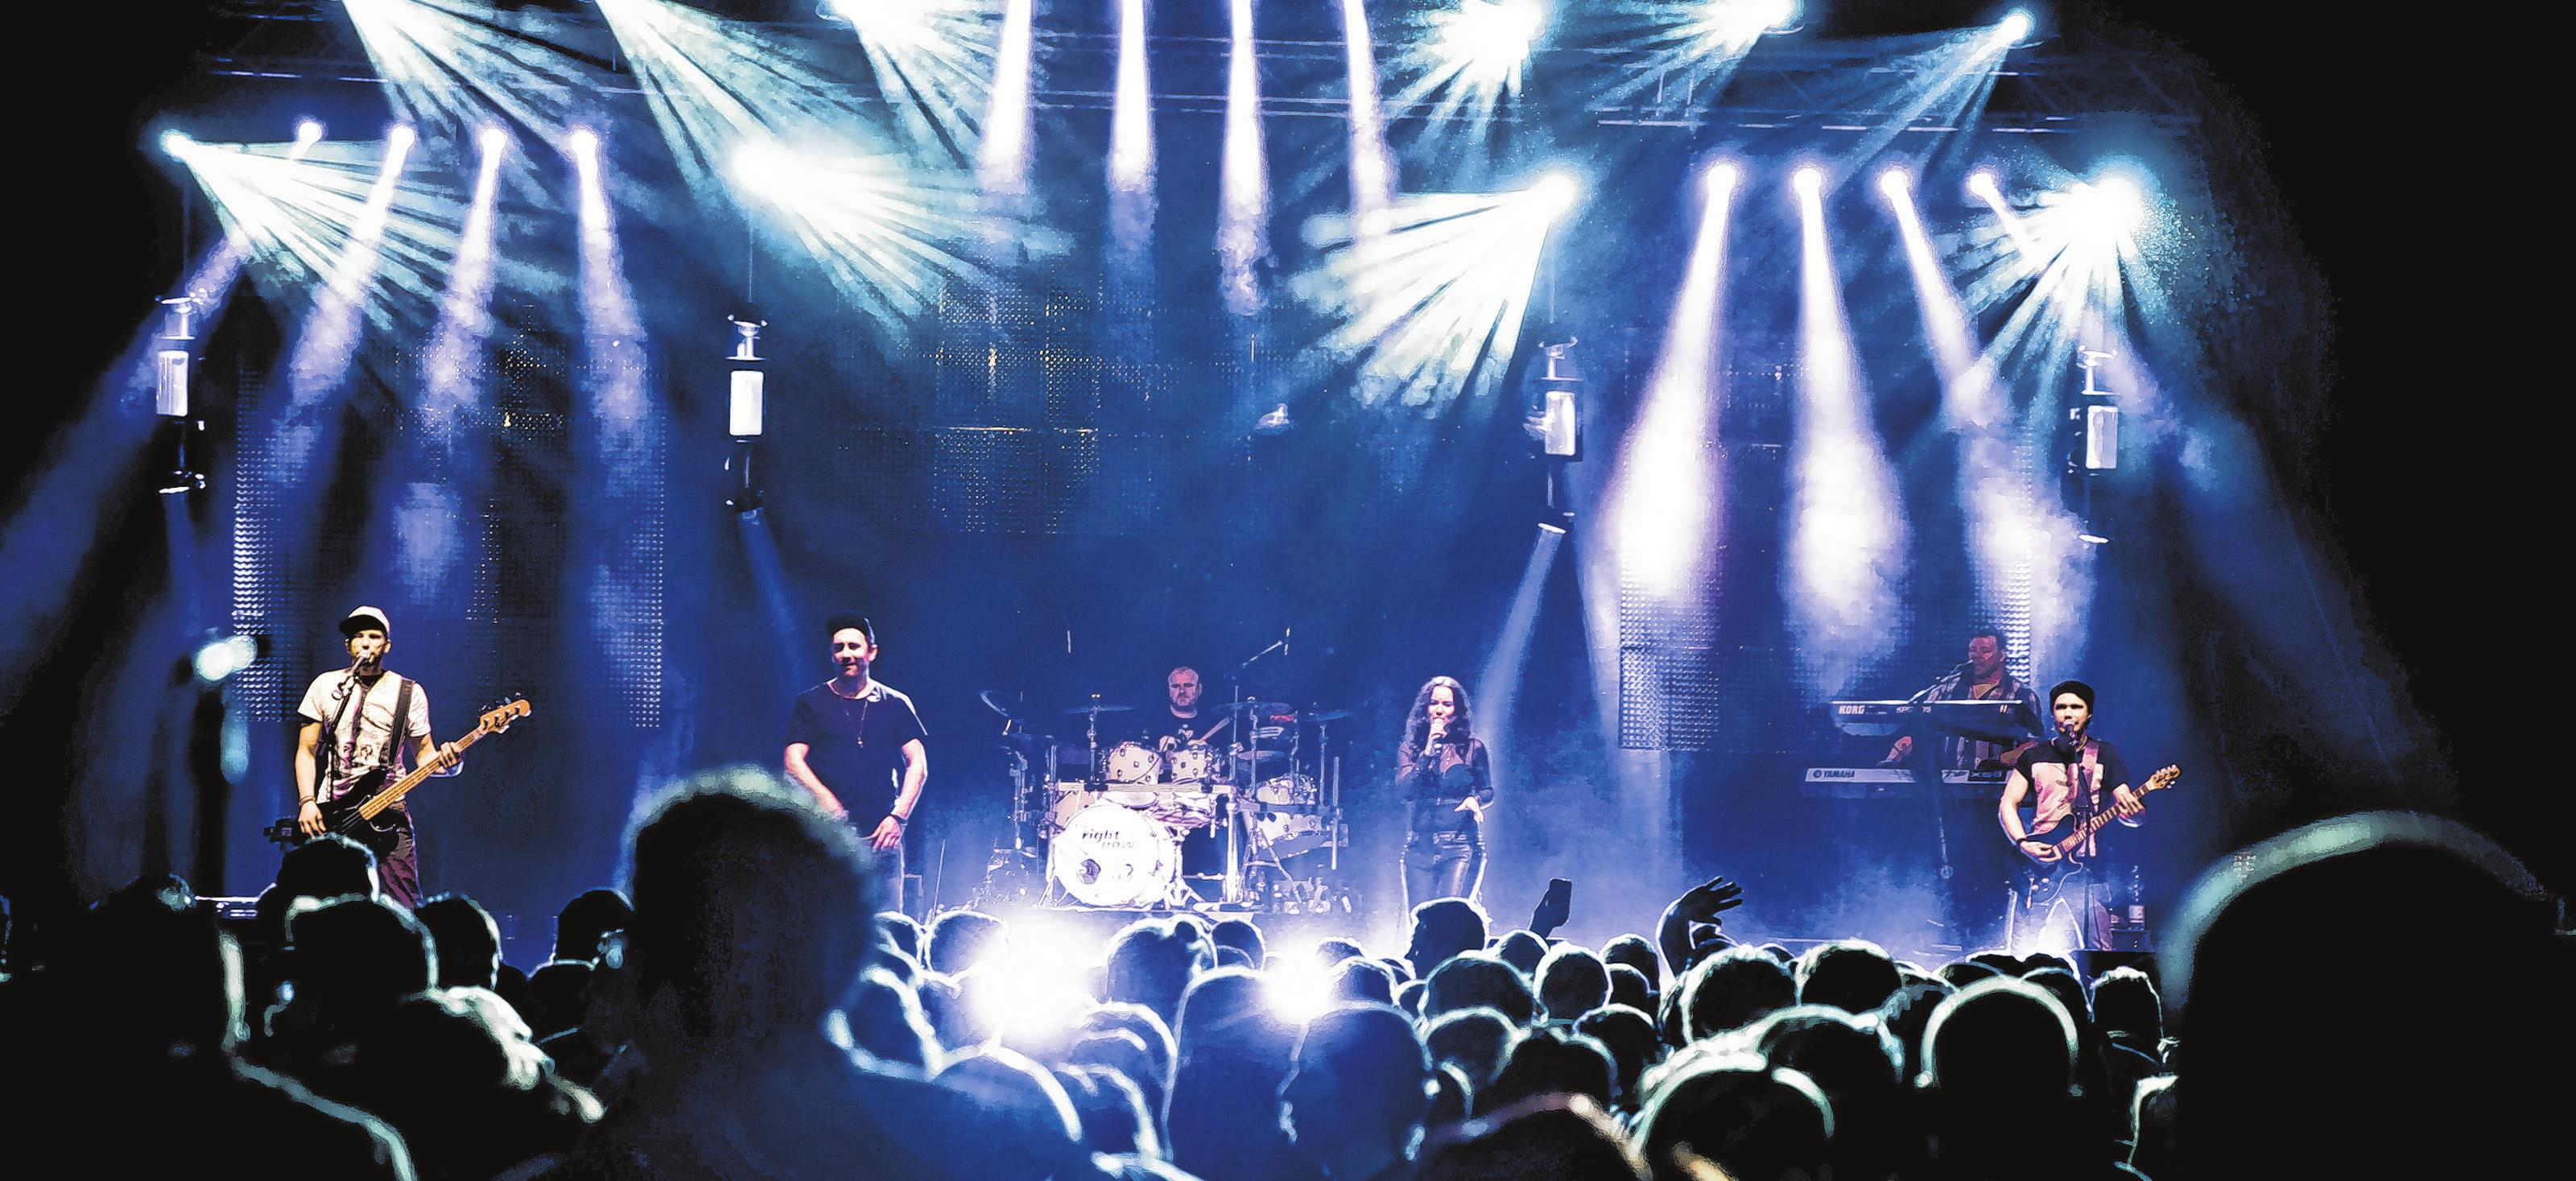 """Stargäste am Sonnabend: Die Band """"Right Now"""" rockt das Festzelt. Foto: Agentur"""